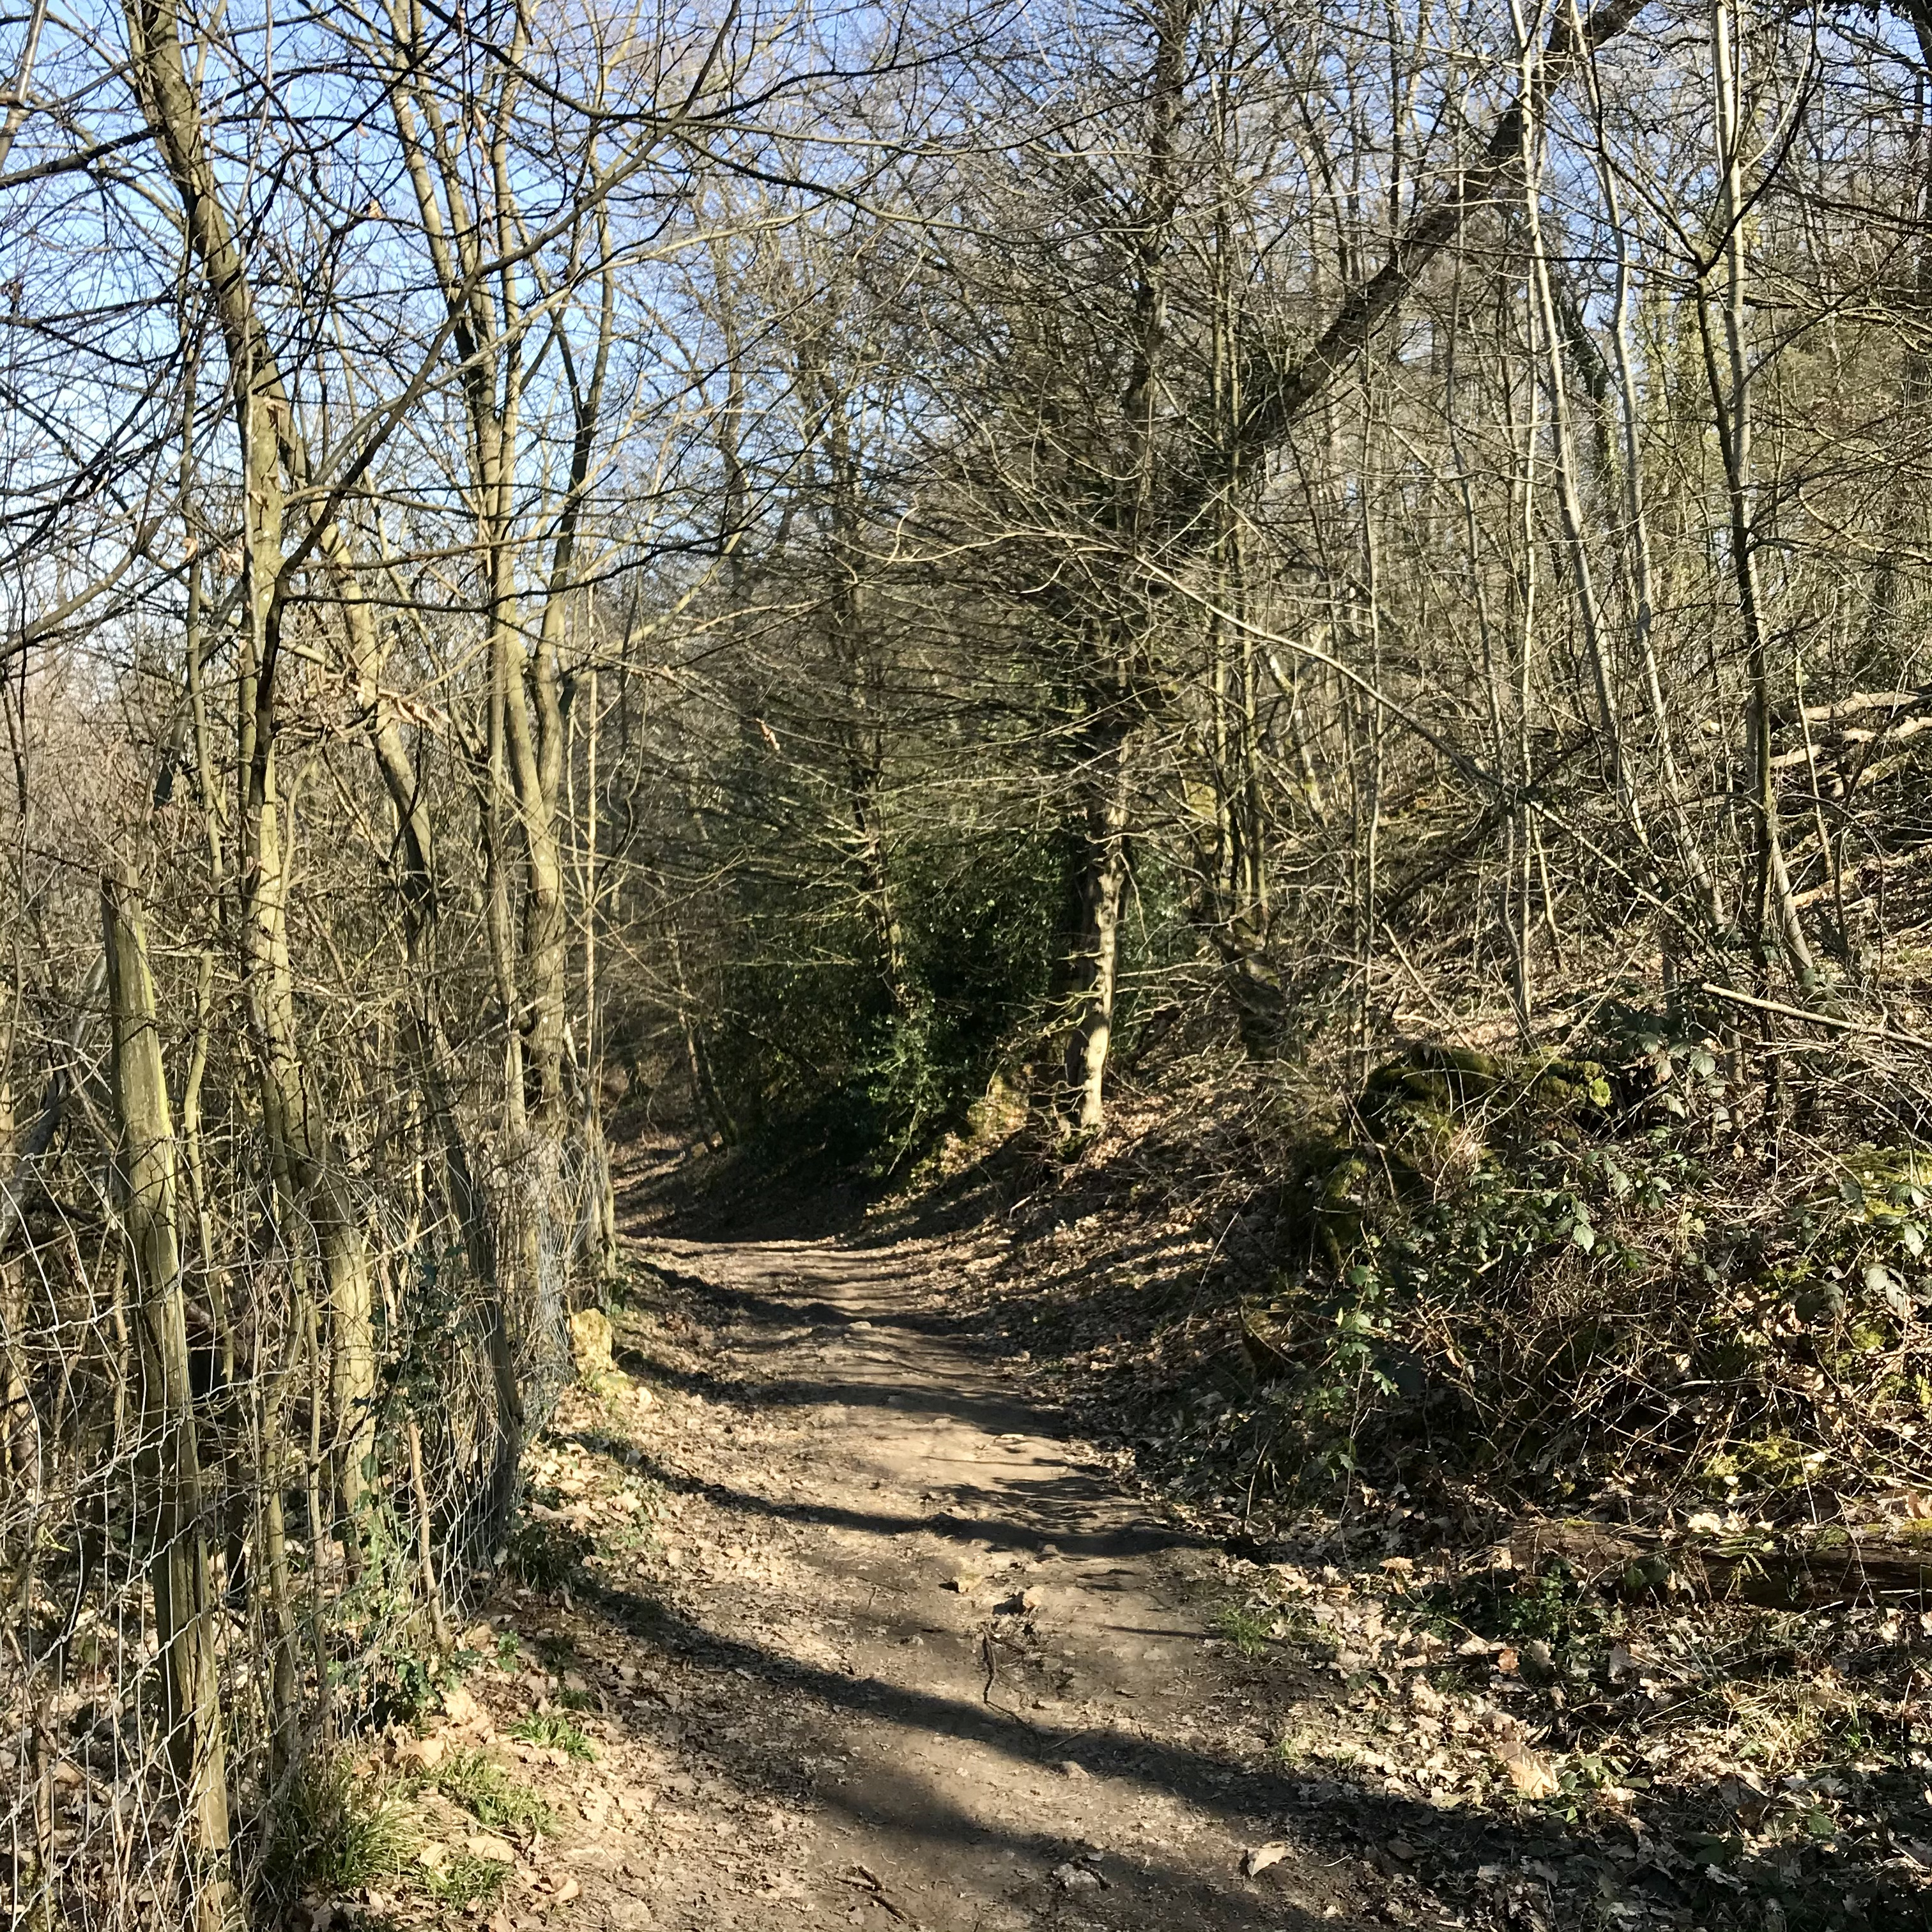 Chemin rural, Parc des Côtes Montbron près du Trou salé. Vianney Delourme pour Enlarge your Paris